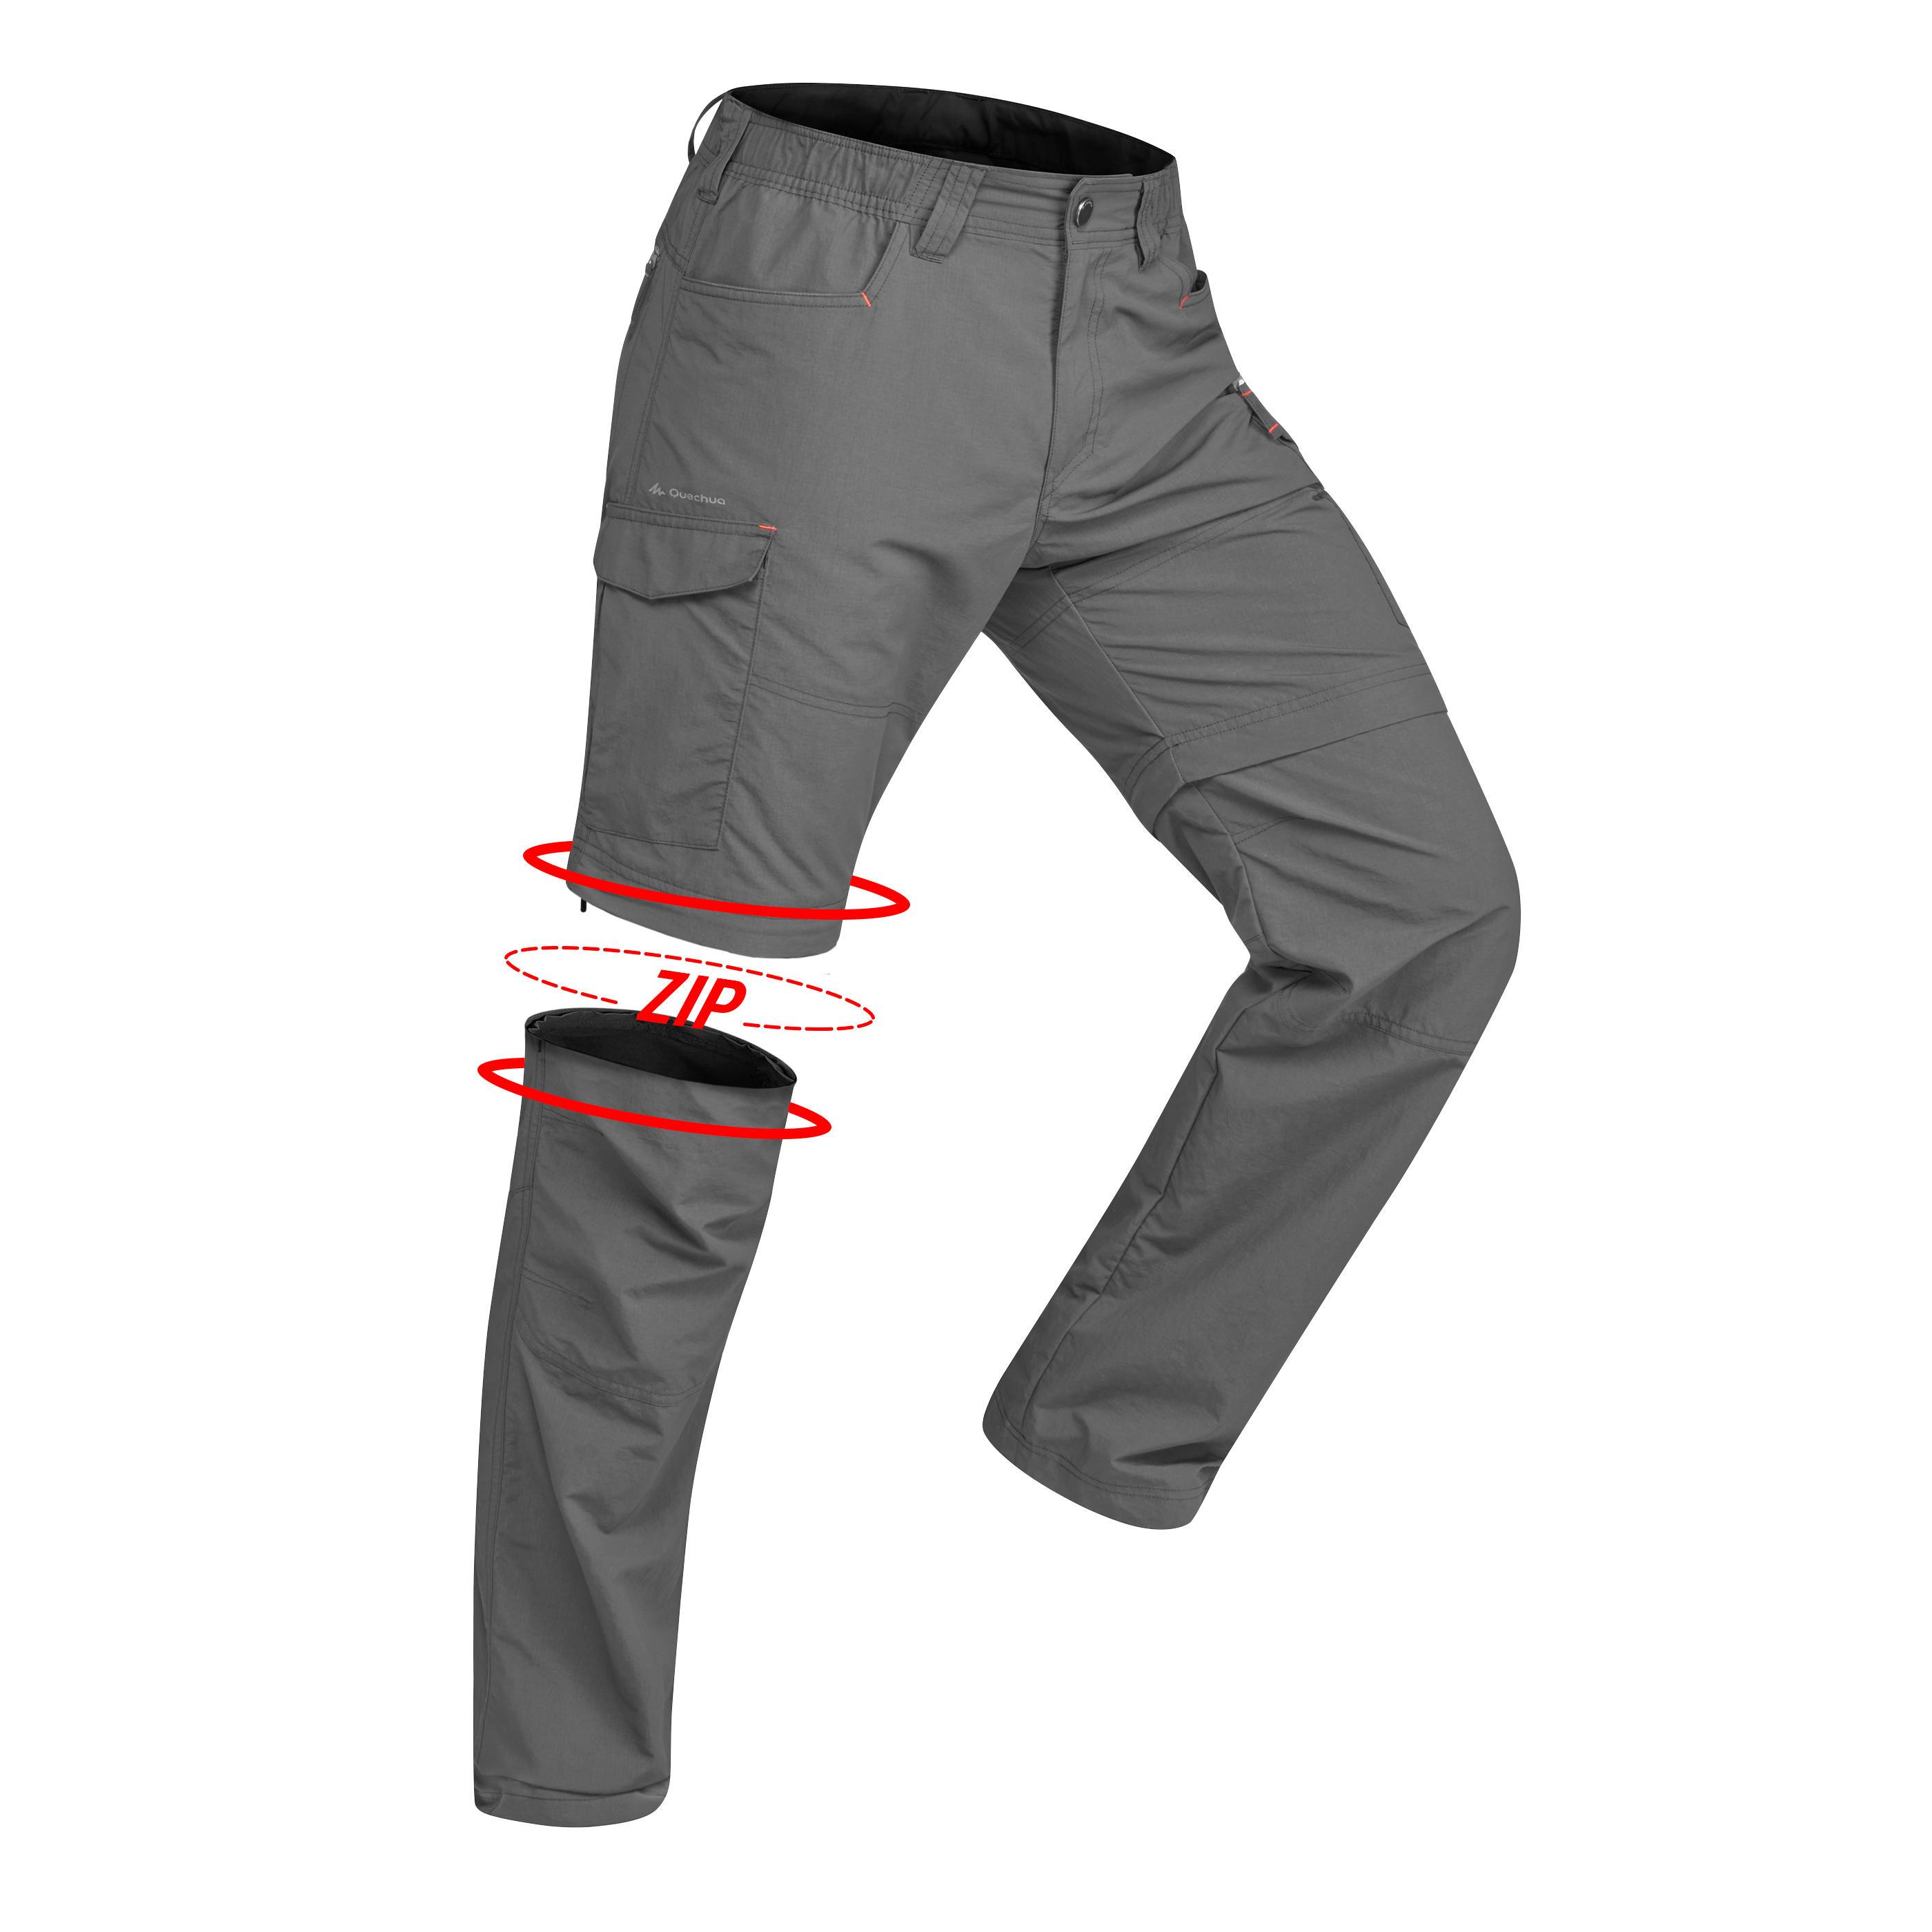 Herren Zip-Off-Trekkinghose Trek 500 Herren dunkelgrau | 03608439667244